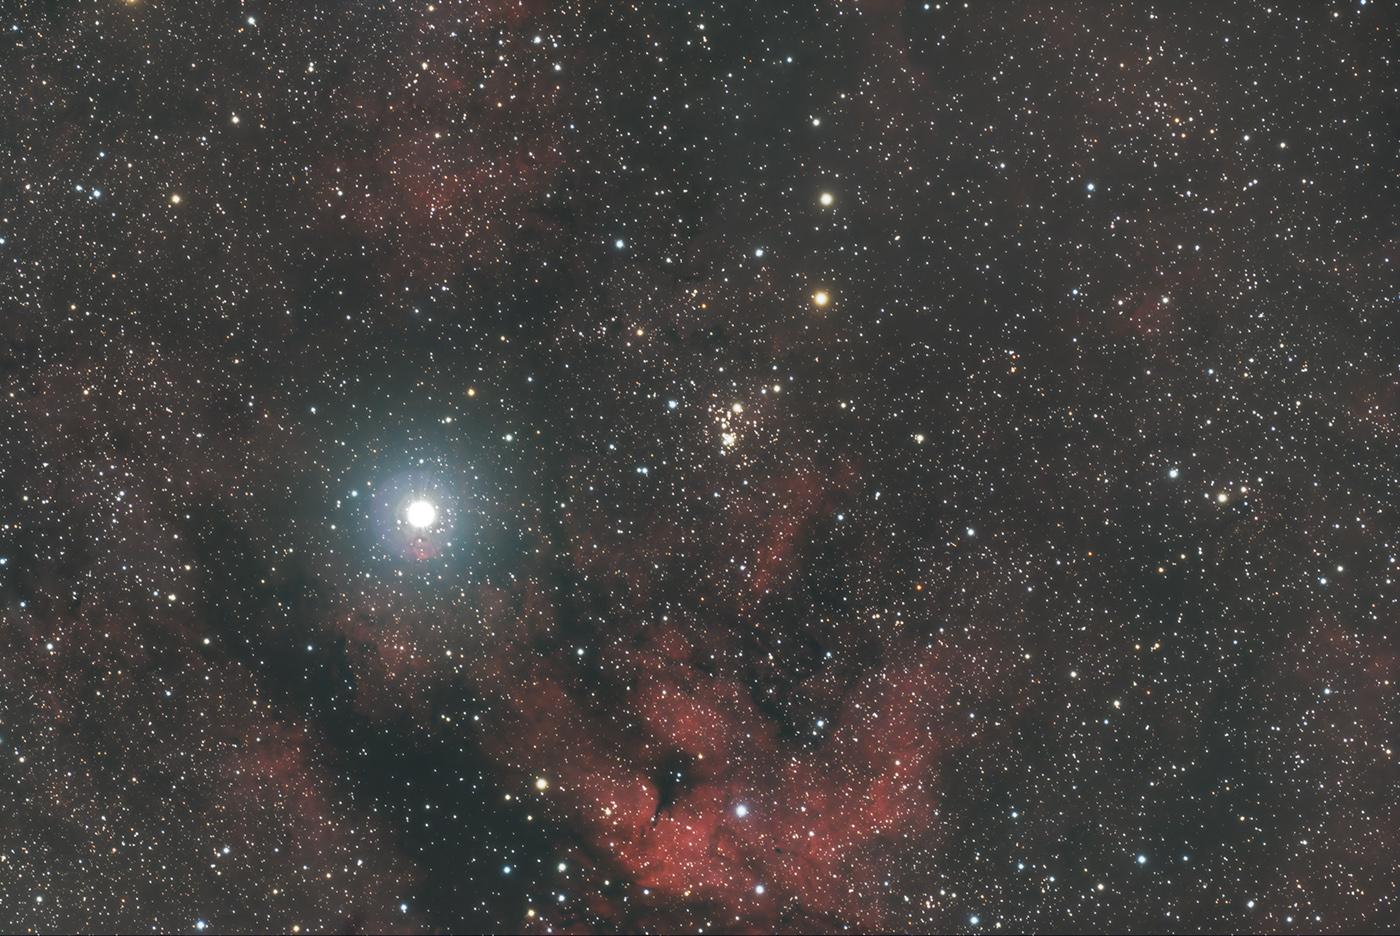 Nébuleuses Gamma Cygne (IC 1318) - Cygne  - Image : Christophe Mele